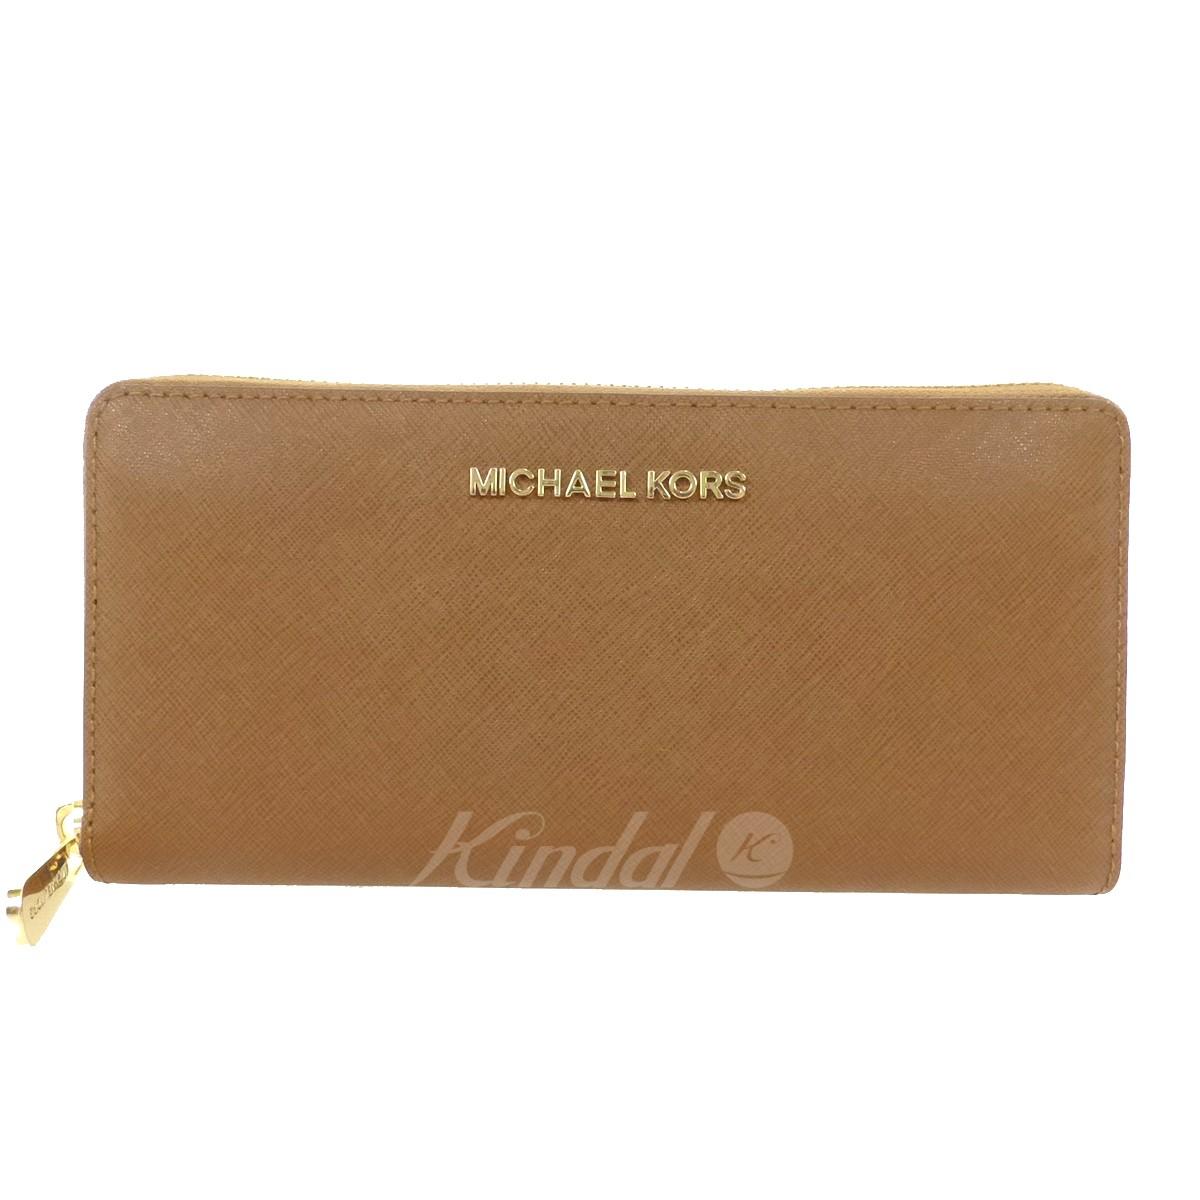 【中古】MICHAEL KORS ラウンドジップウォレット 351H3GTVZ3L キャメル サイズ:- 【送料無料】 【050918】(マイケルコース)